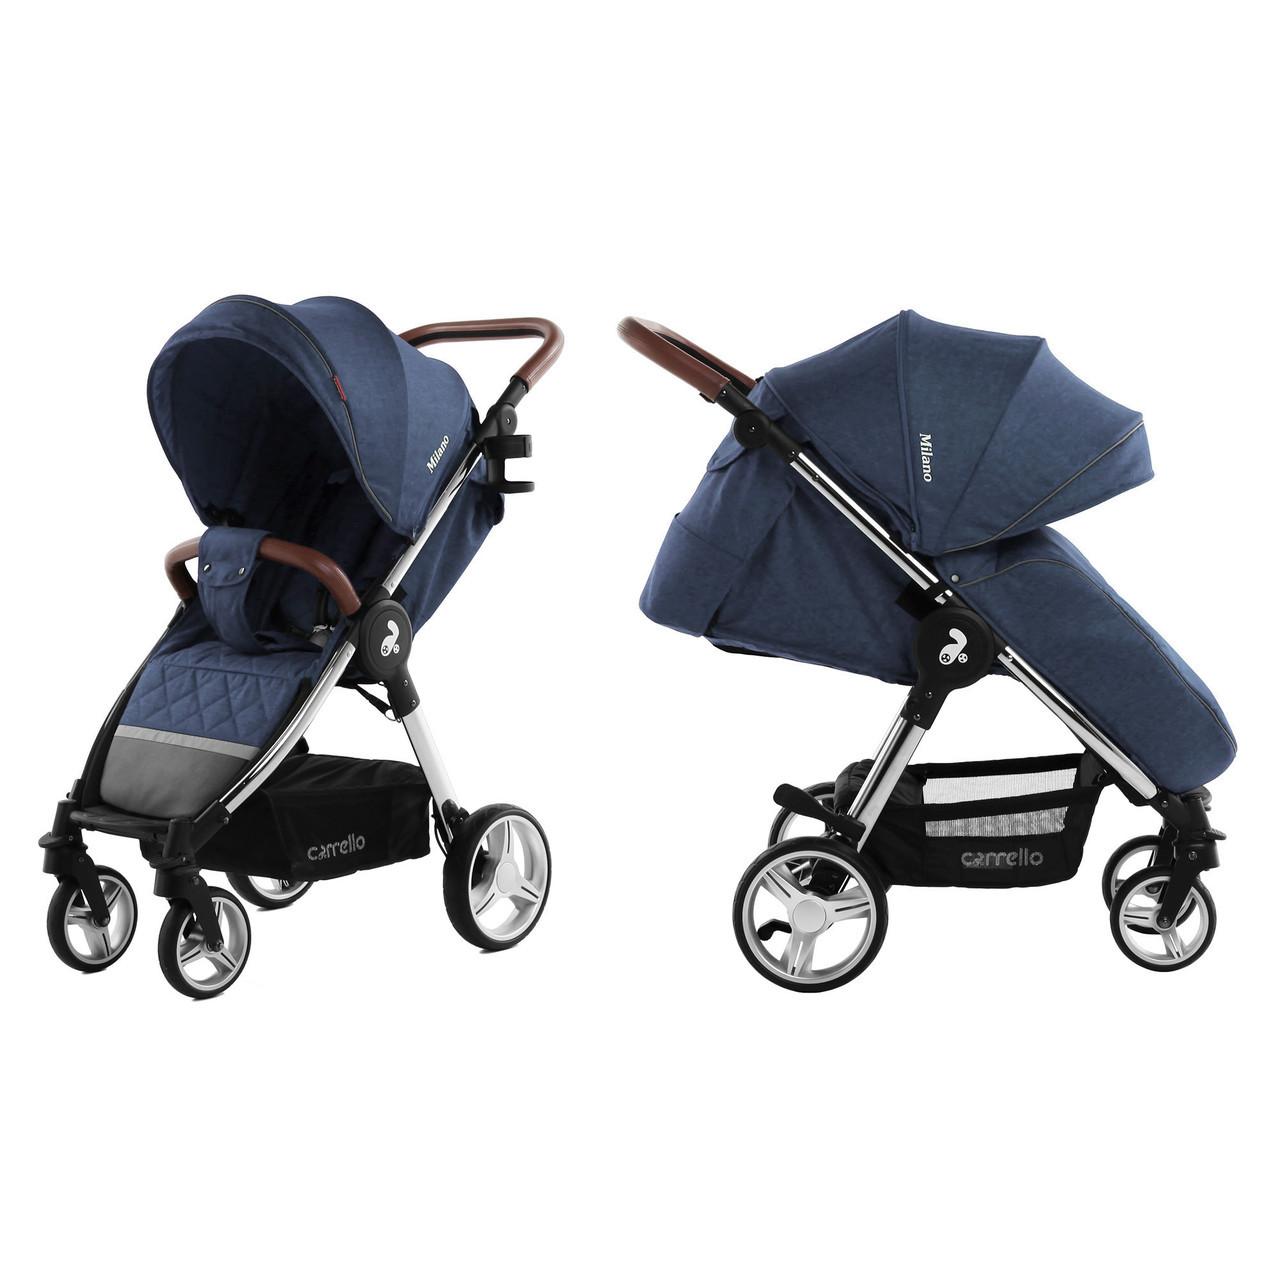 Коляска прогулочная CARRELLO Milano CRL-5501, Синий, +дождевик